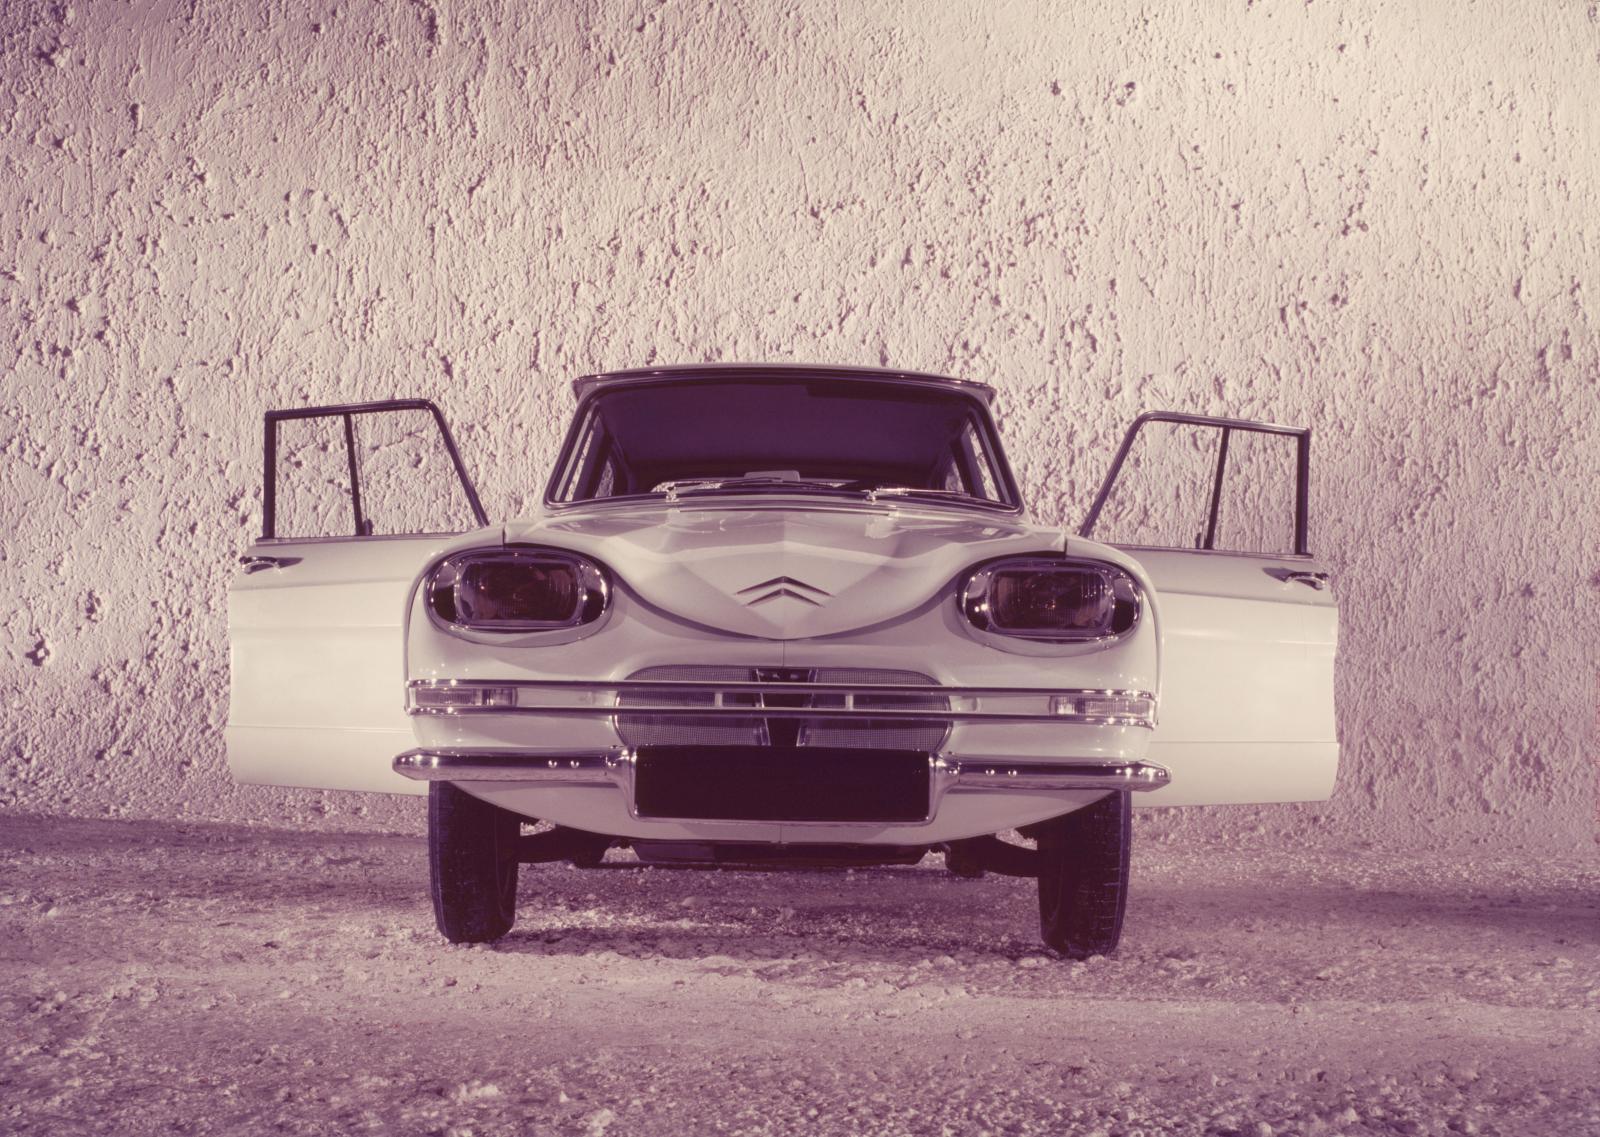 AMI 6 Berline pré-série 1961 face avant